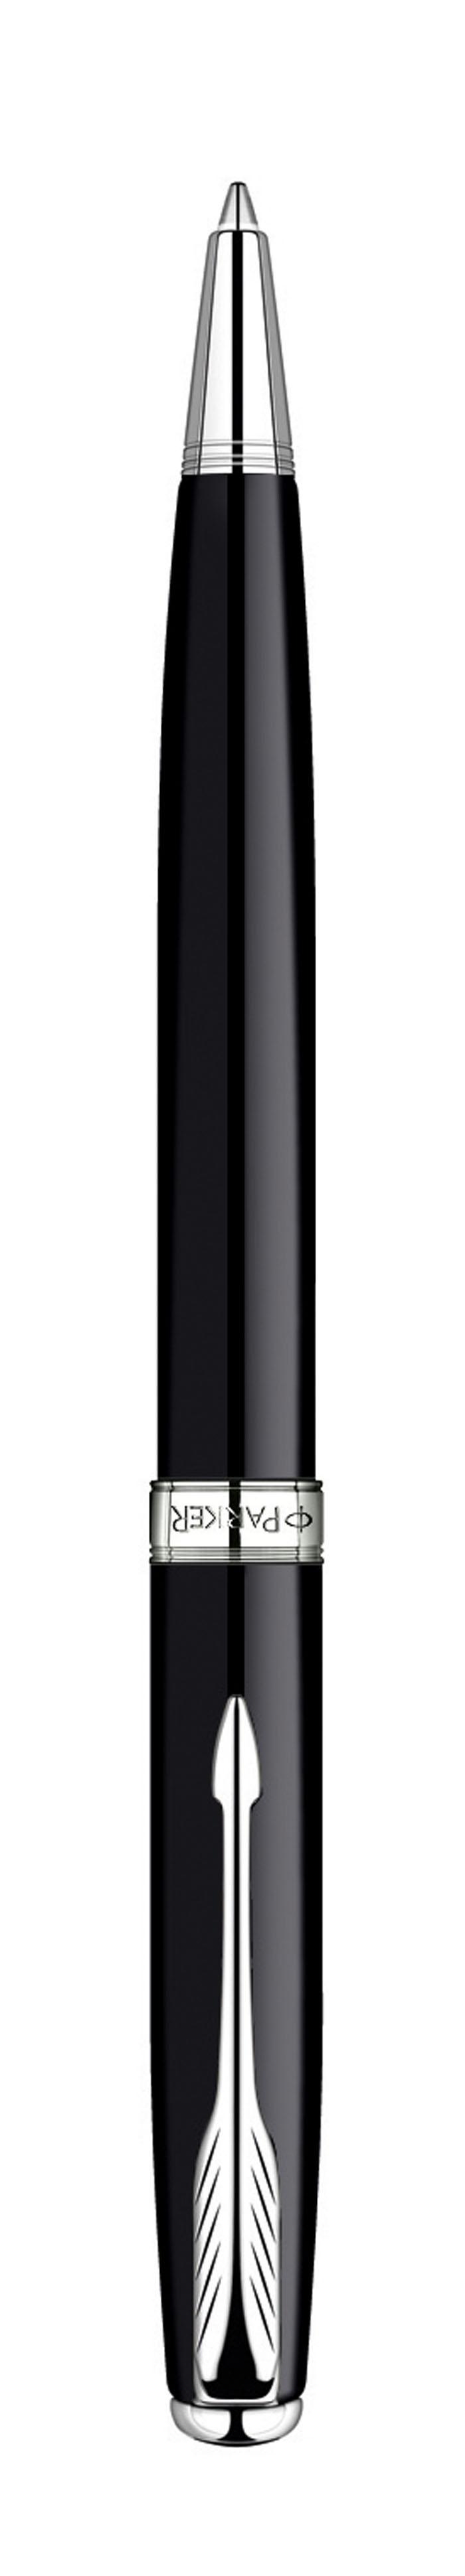 Ручка шариковая Sonnet Black Laque CT. PARKER-S0808830CS-GA423050Шариковая ручка Паркер Соннет Блэк Лак Си Ти. Инструмент для письма, линия письма - средняя, цвет чернил черный, в подарочной упаковке. Произведено во Франции.